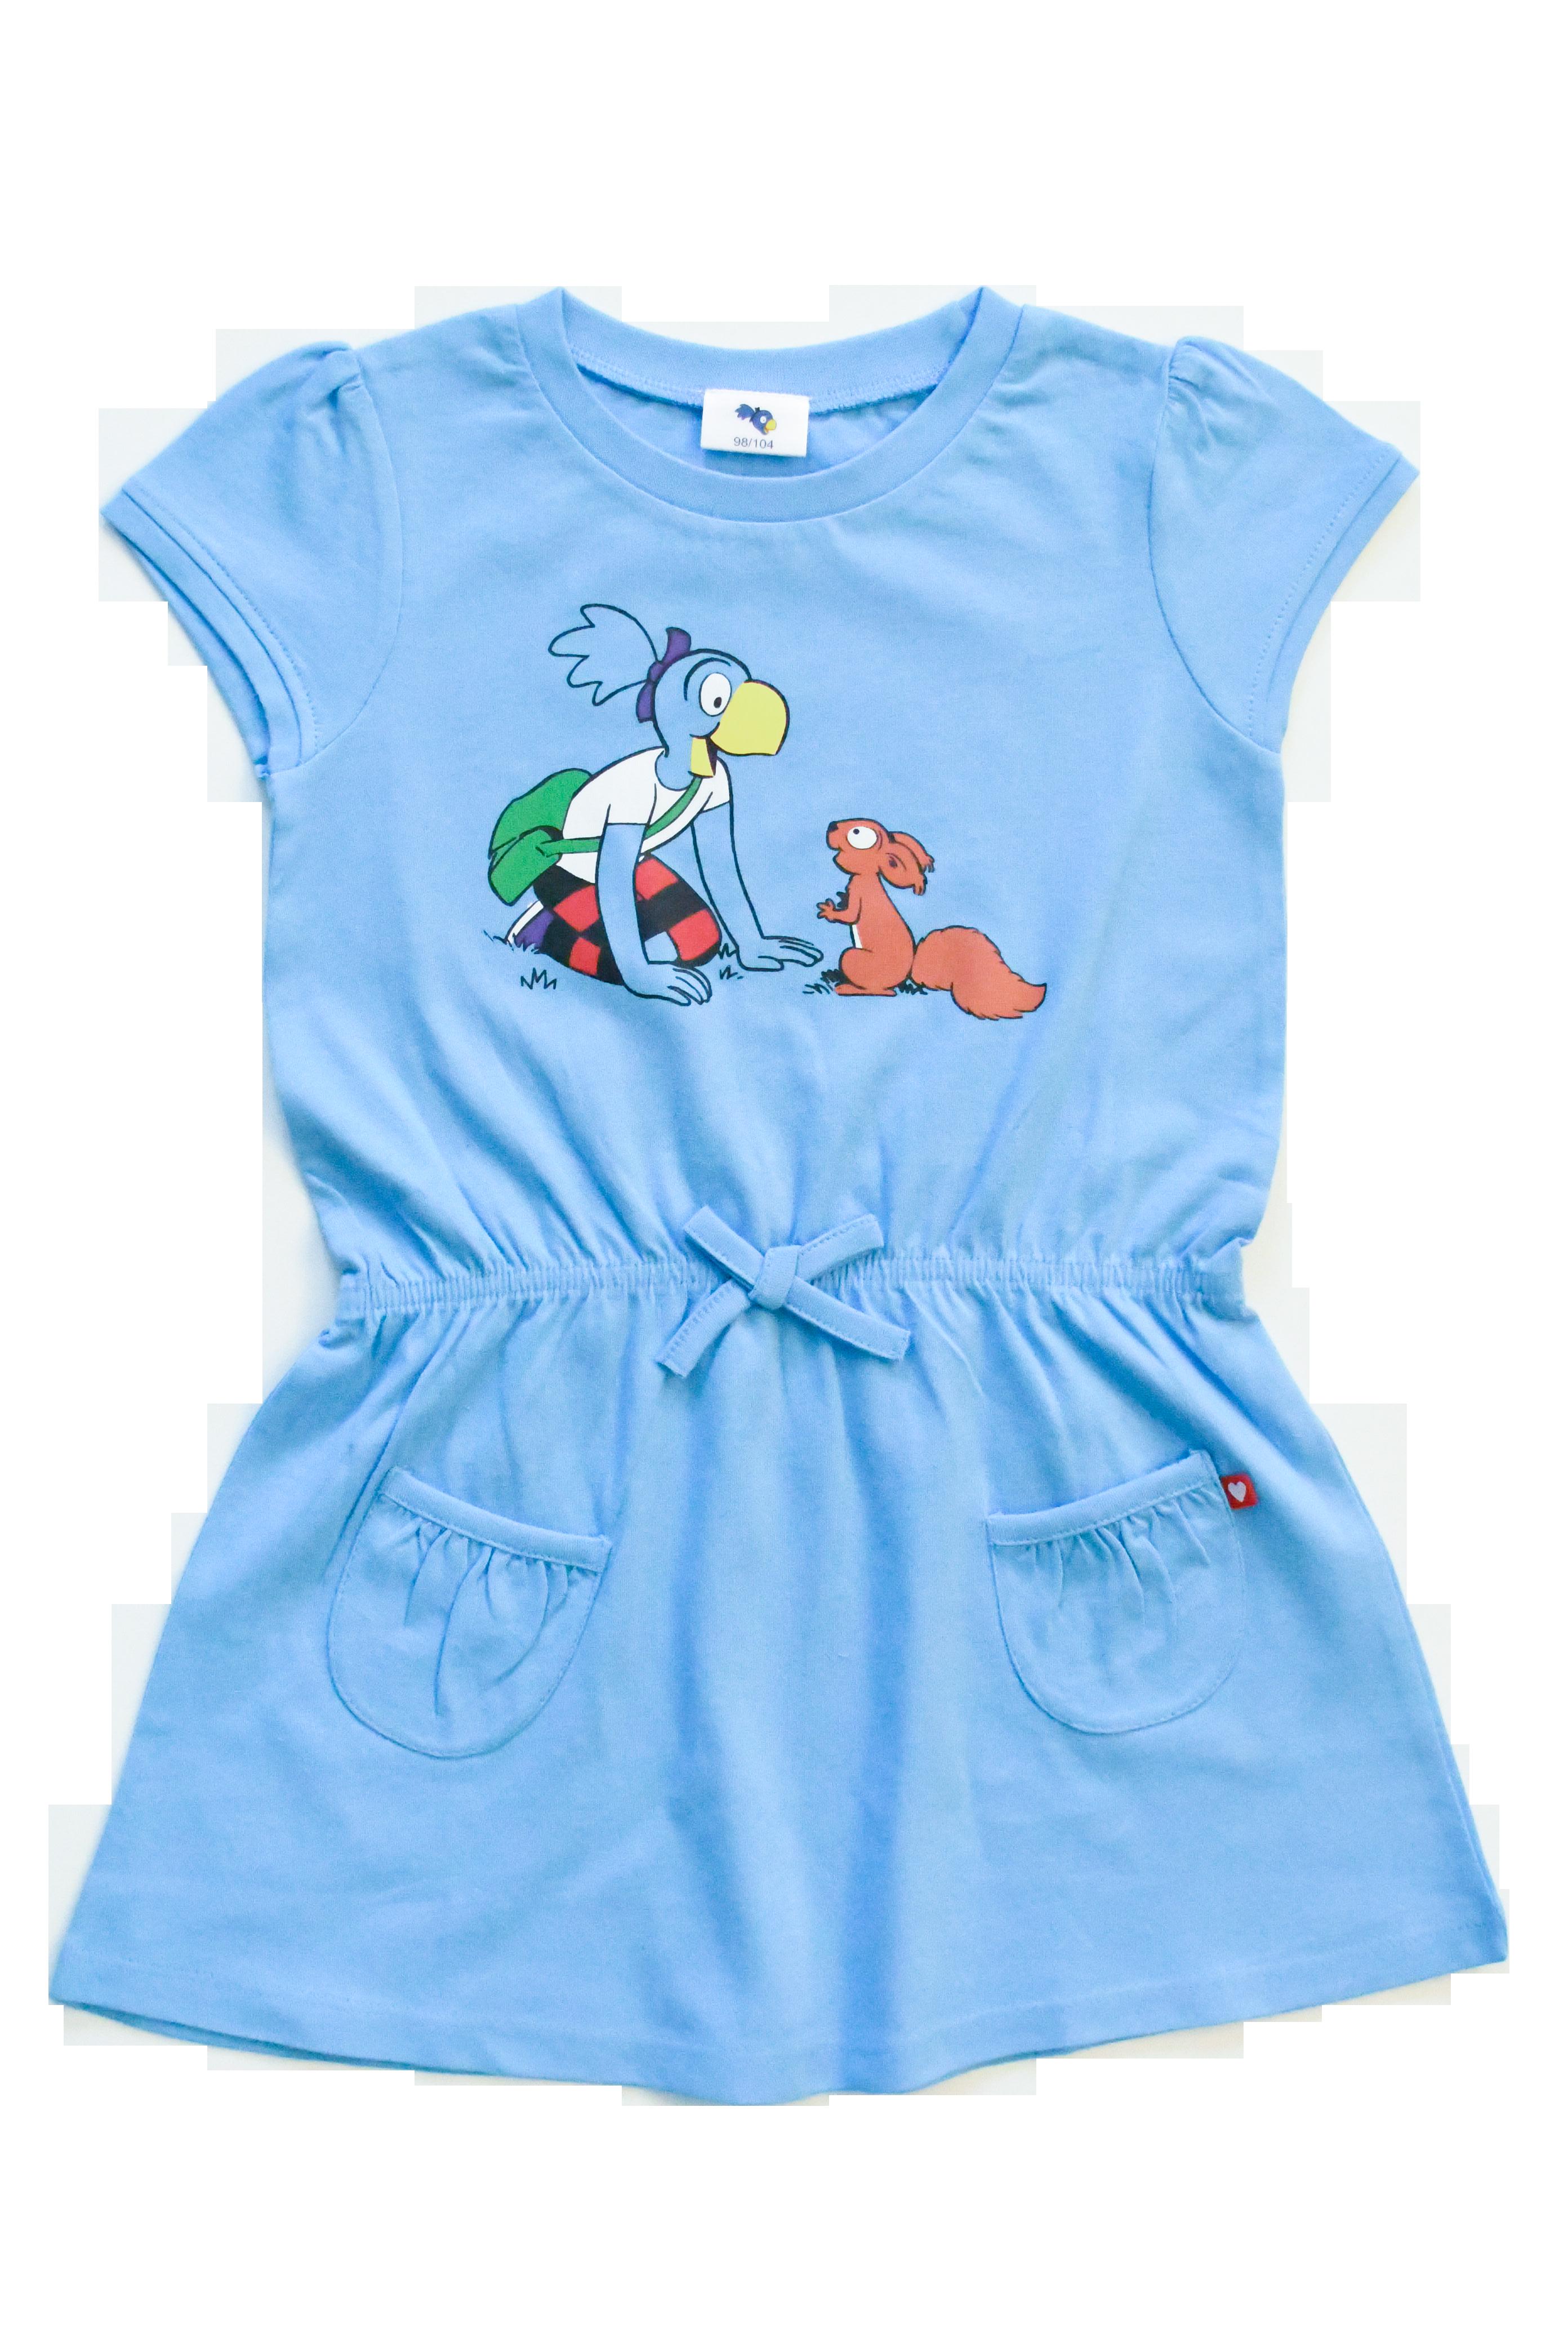 Globine Kleid blau 122/128